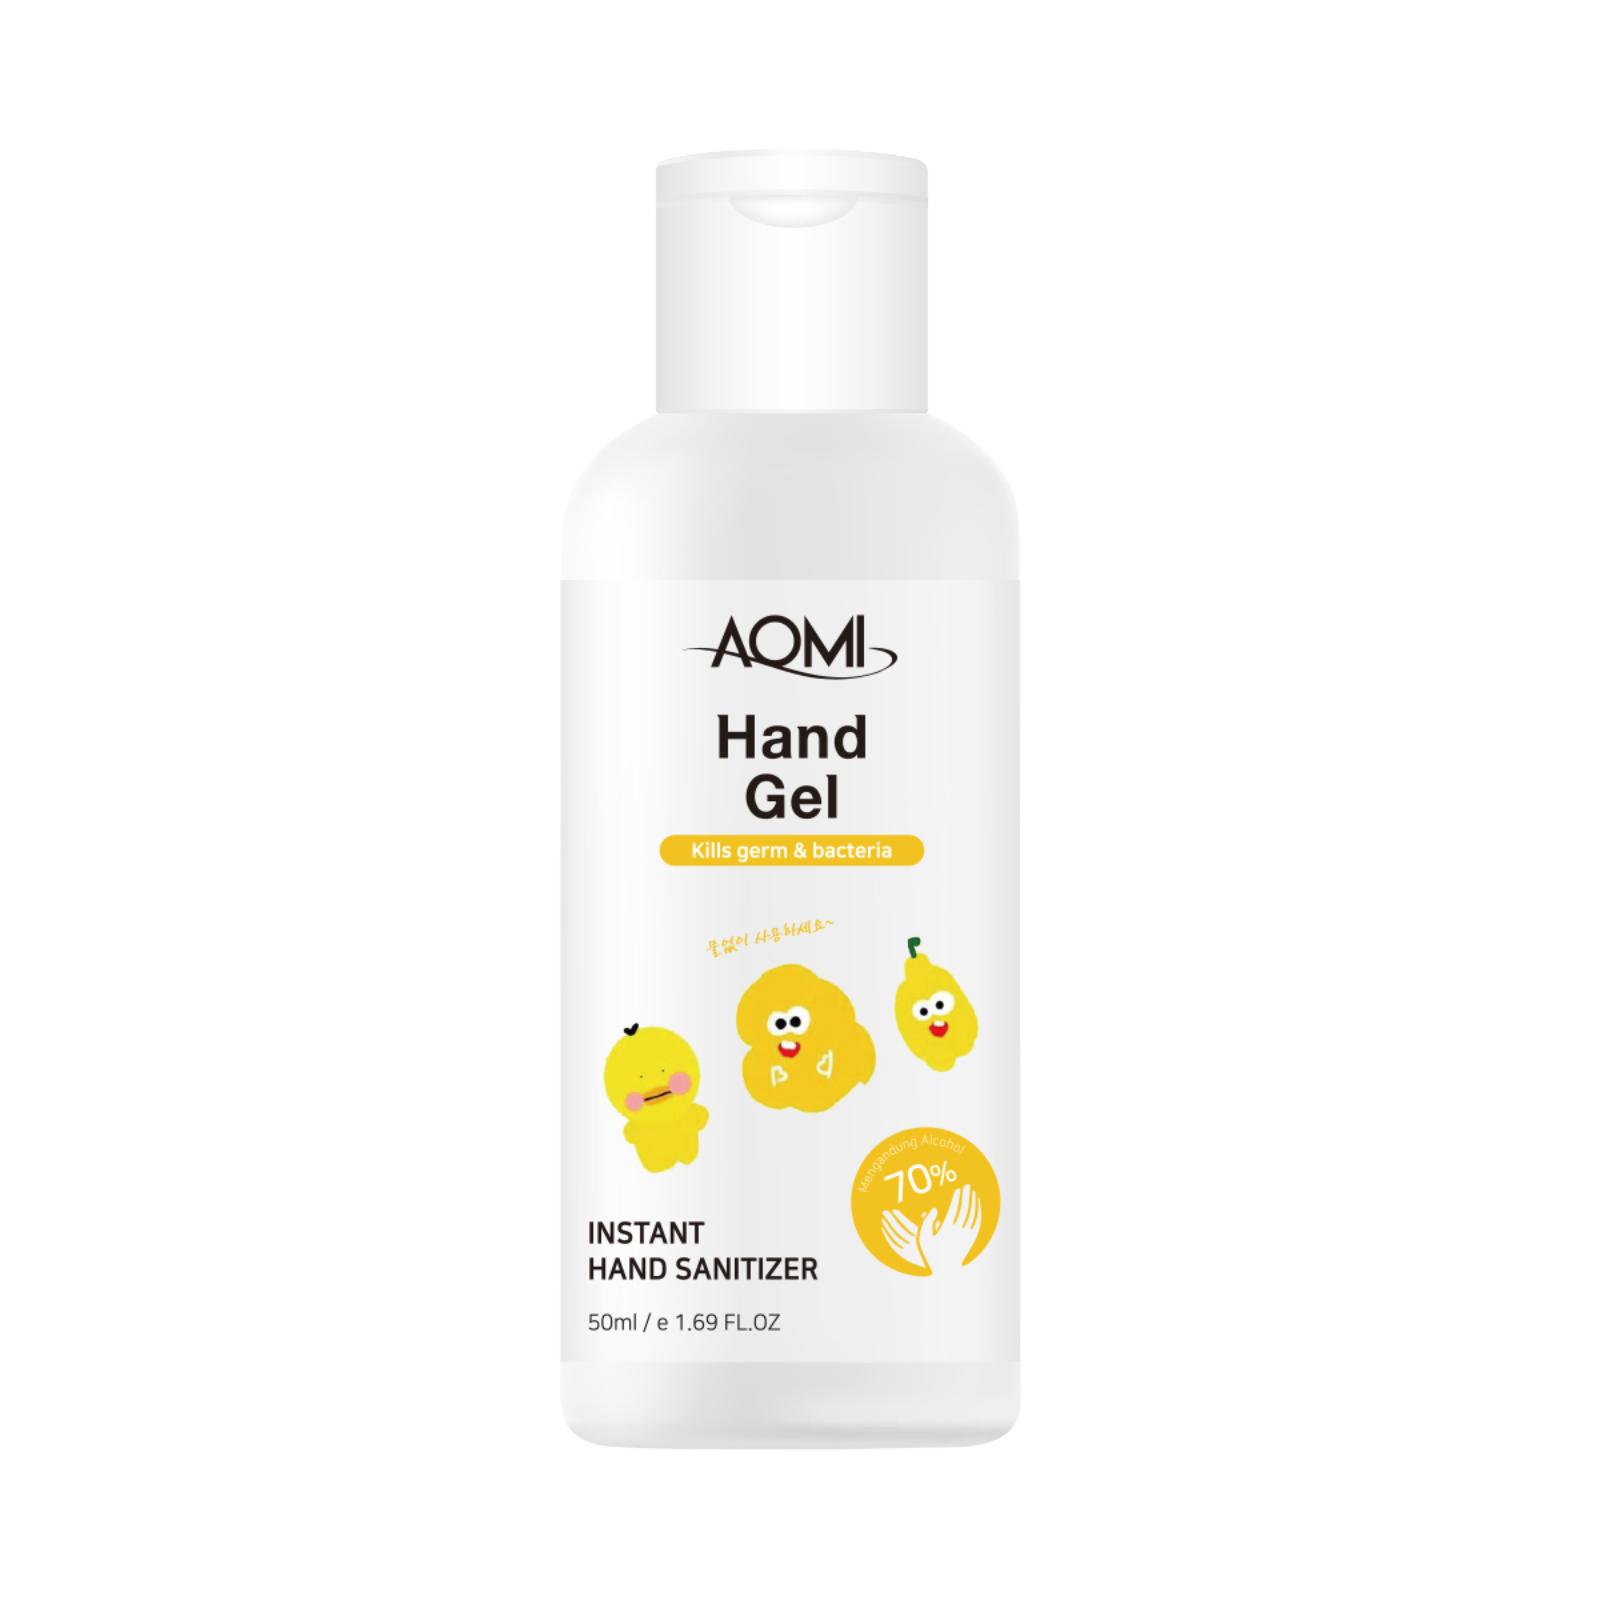 Aomi Hand Sanitizer 50ml